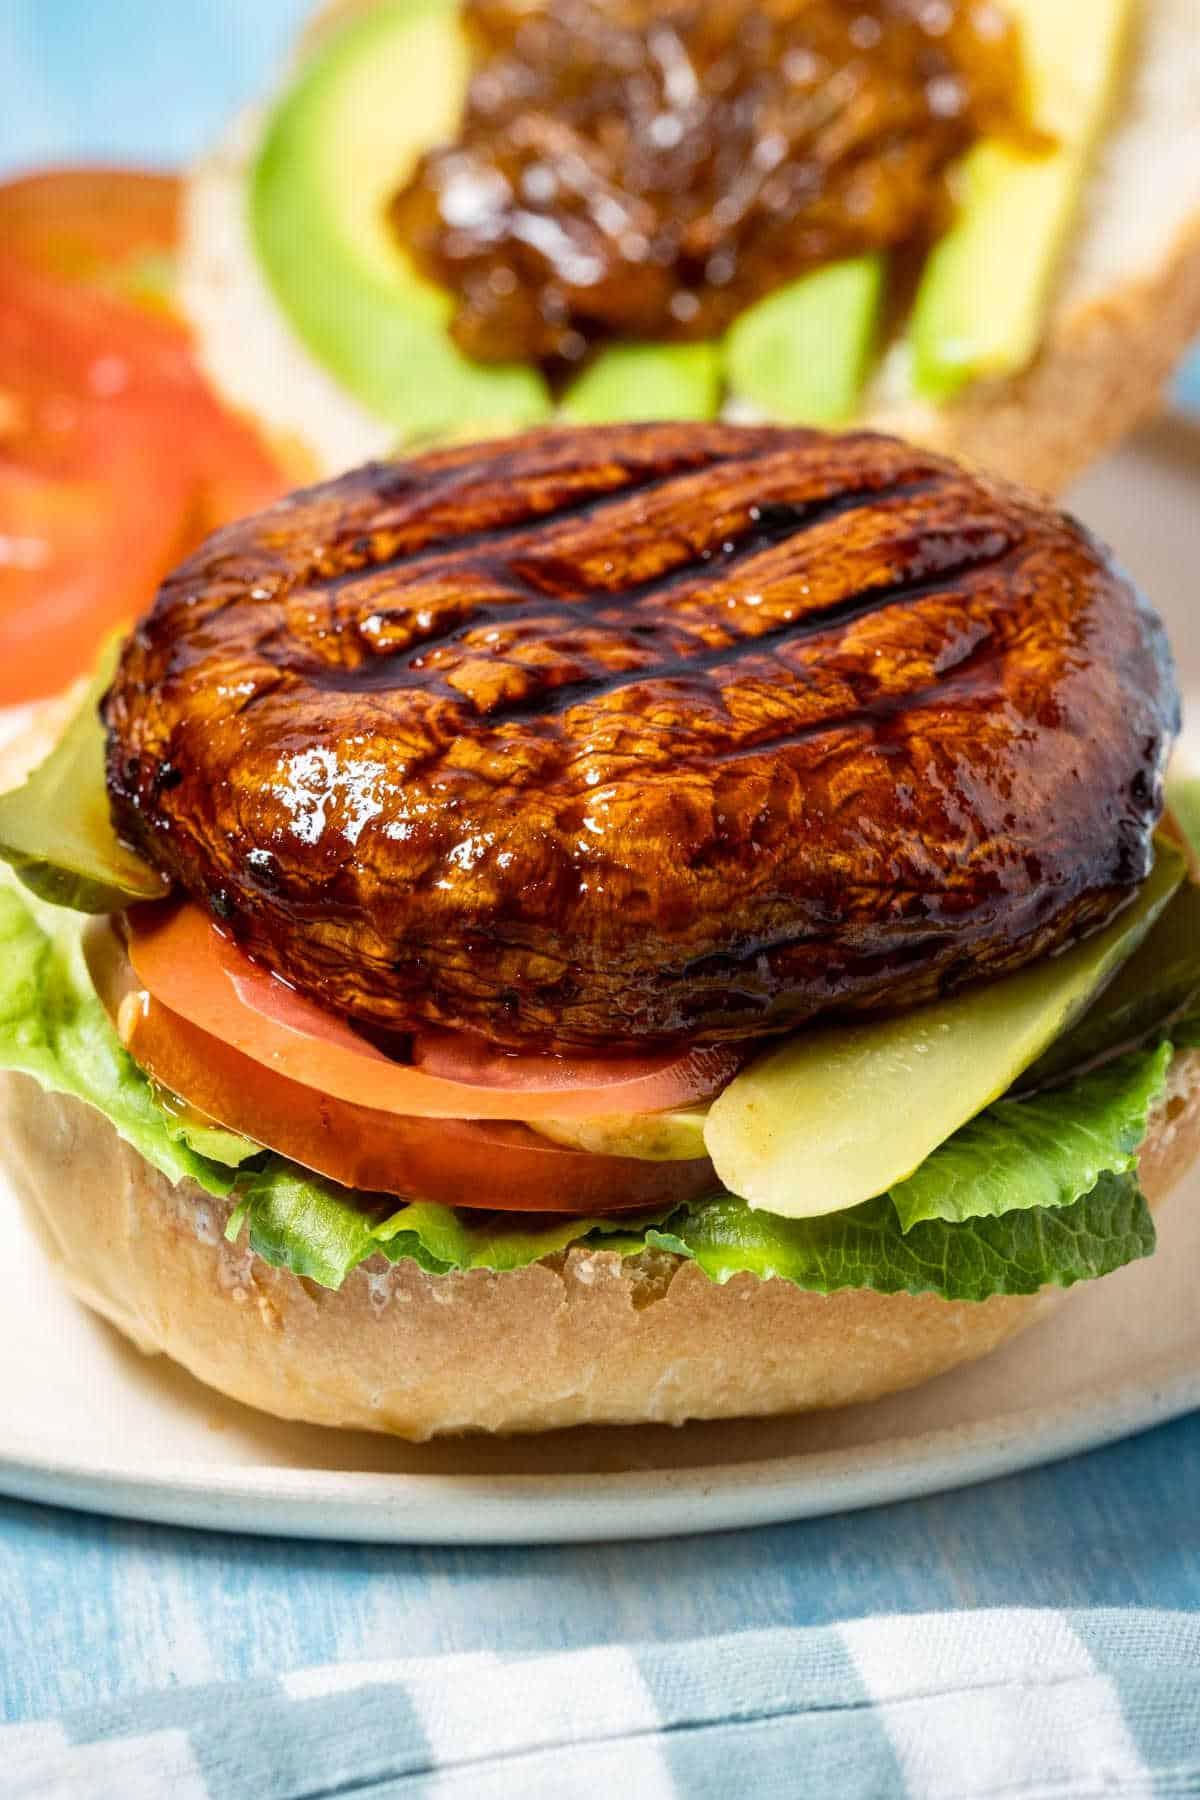 Portobello burger with lettuce, tomato, pickle on a white plate.